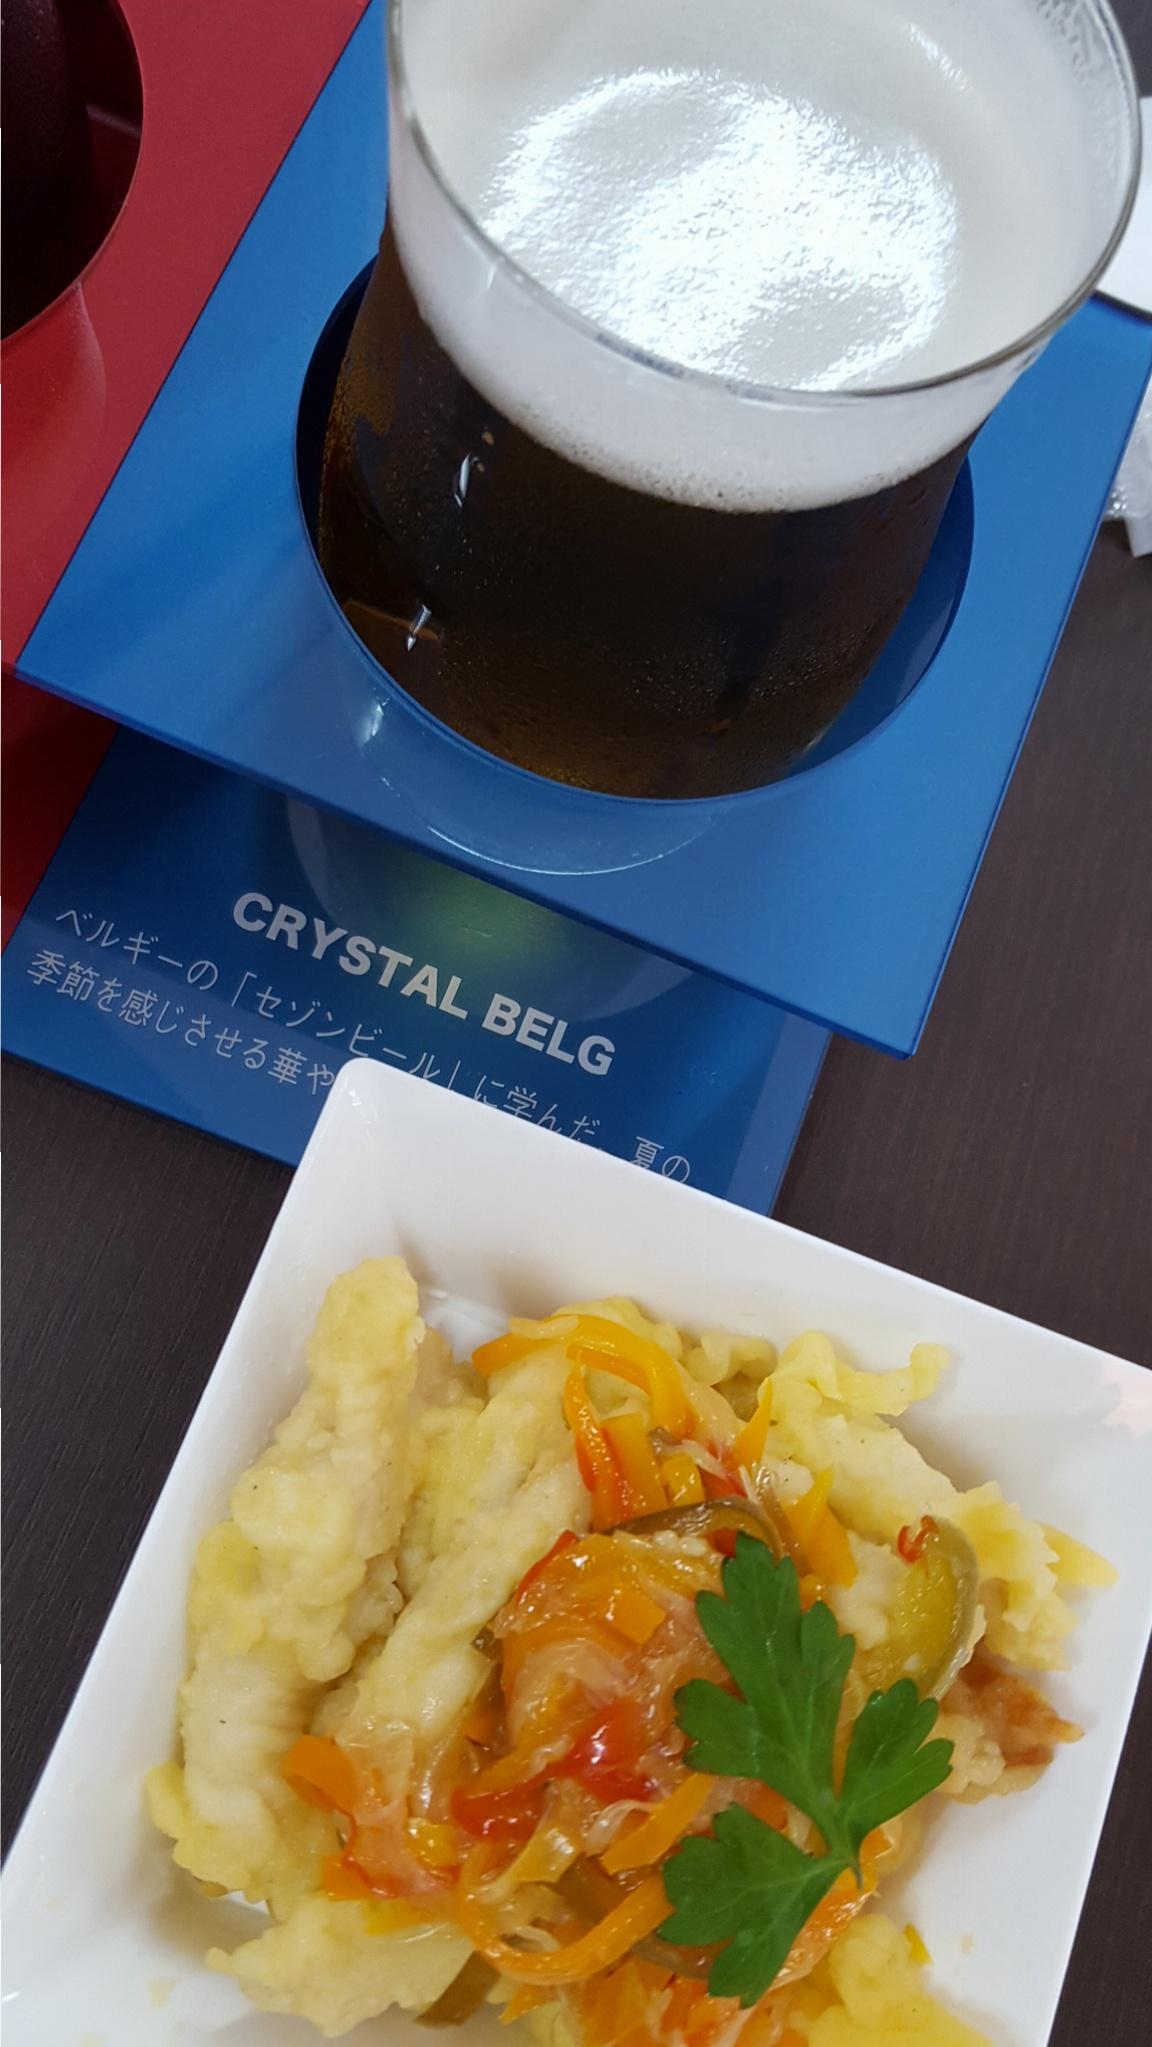 大阪・ホワイトベルグフェスでお料理&飲み比べ 堪能☆_2